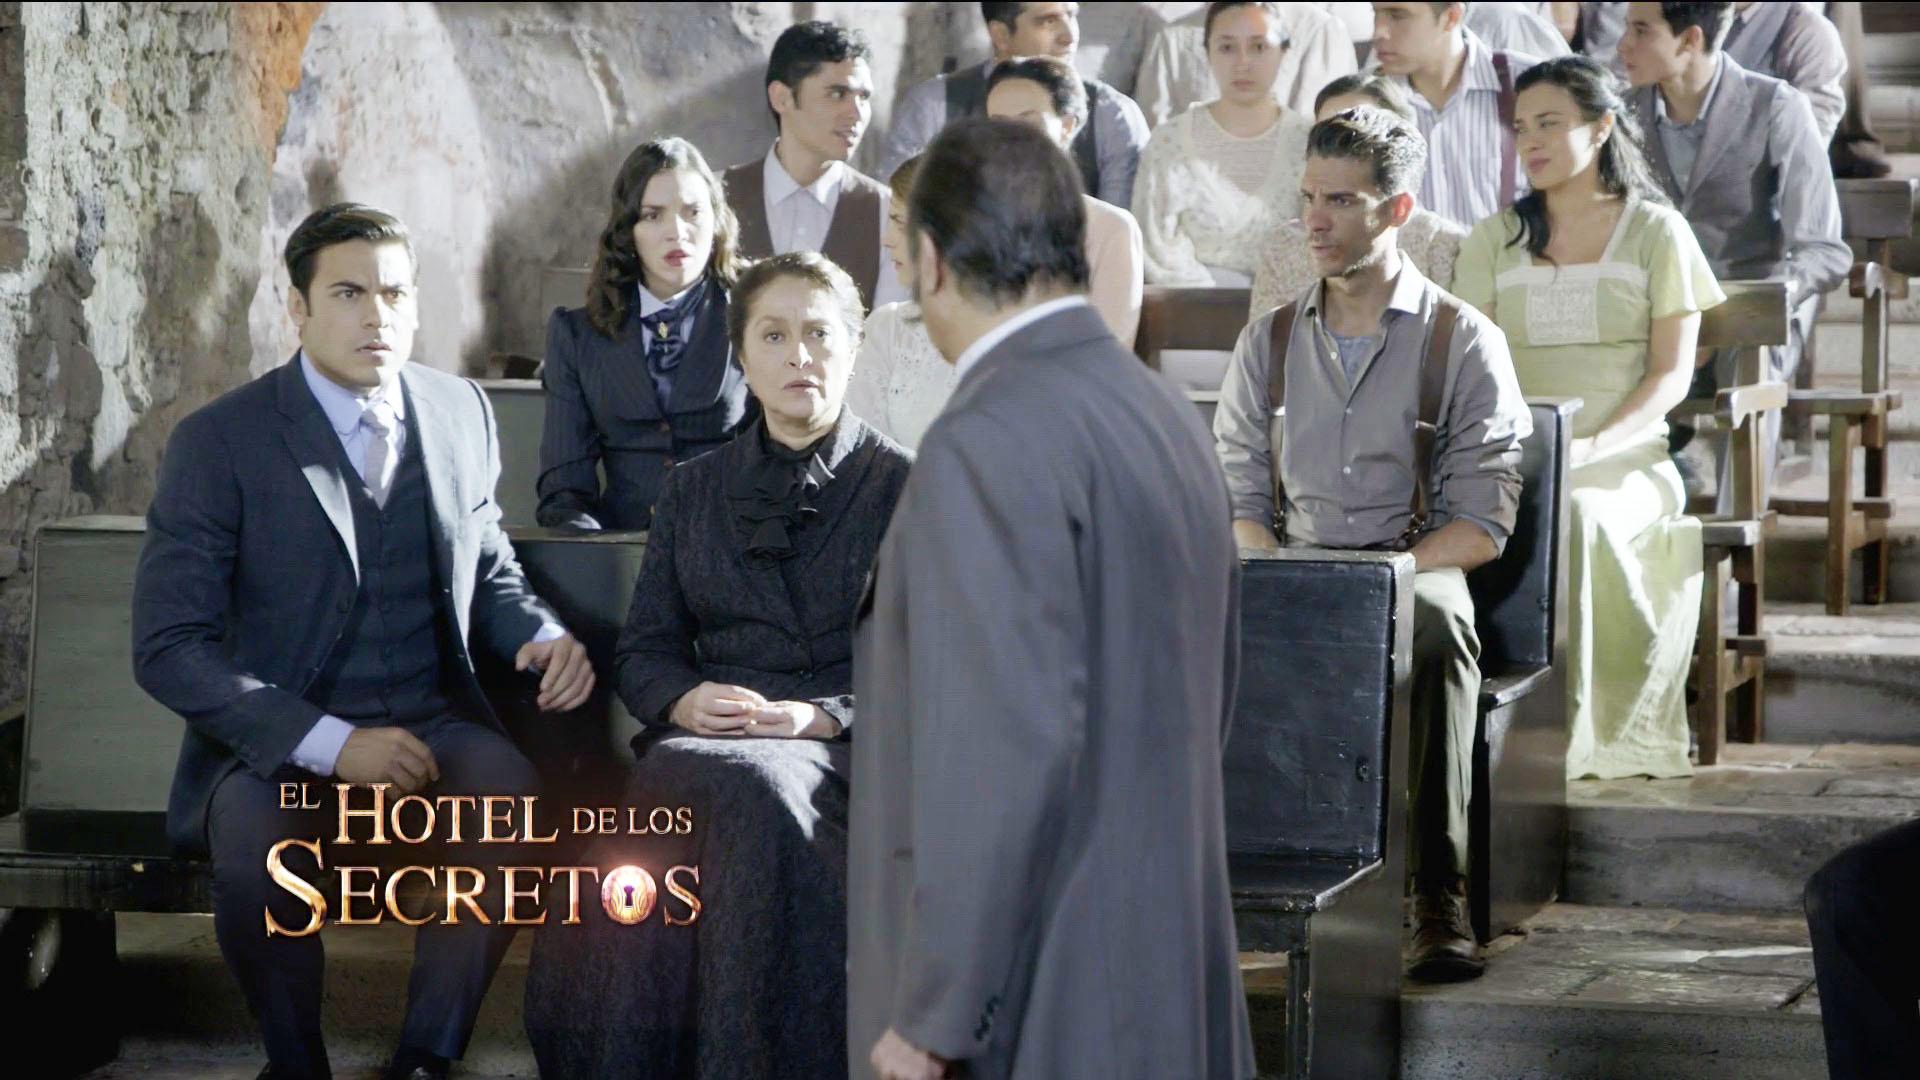 El Final De El Hotel De Los Secretos Fue Cardiaco Revívelo En Fotos